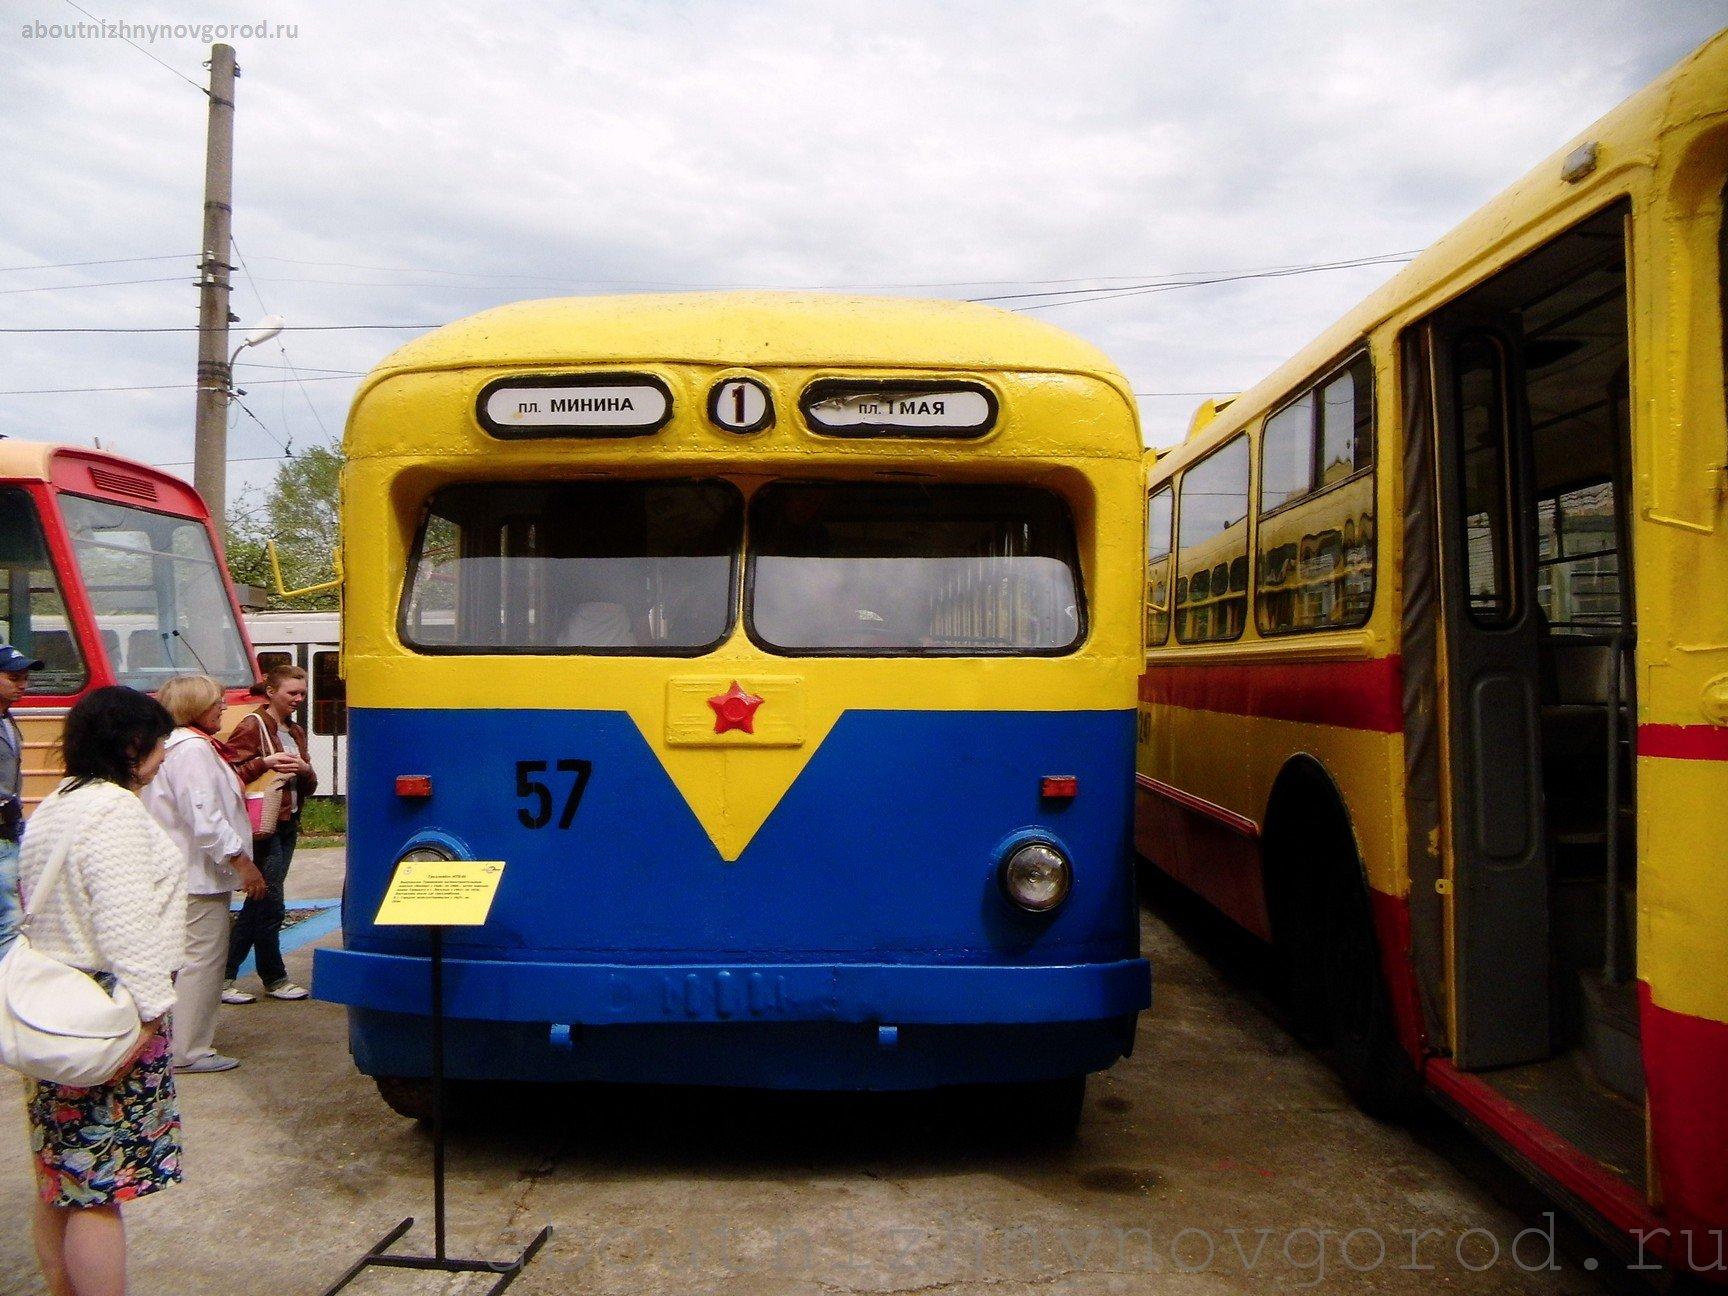 Вот такой вот первый маршрут троллейбуса